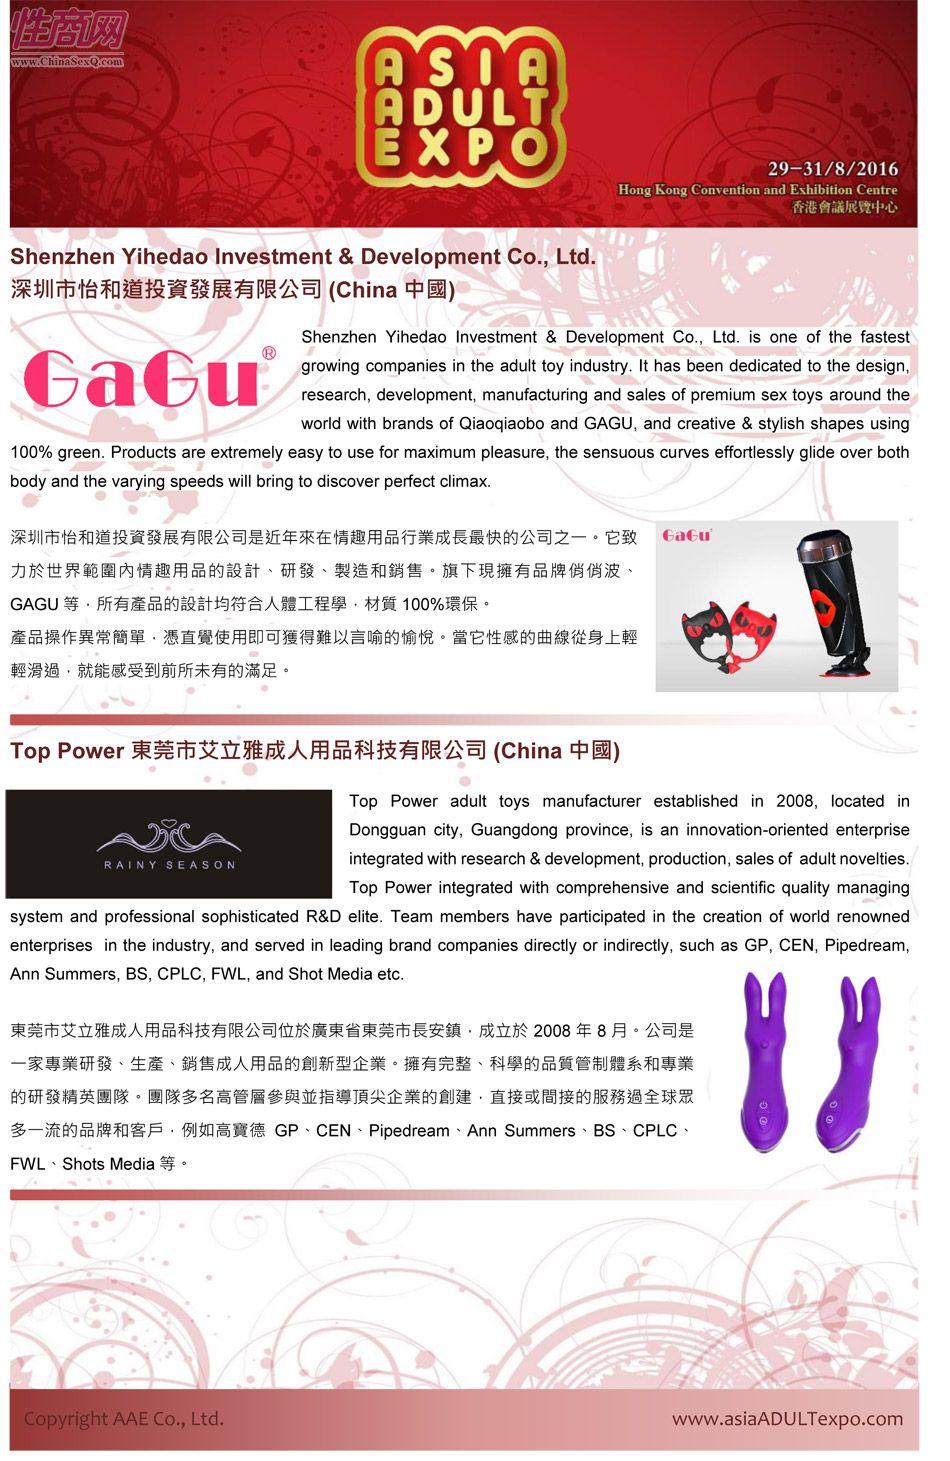 2016年亚洲成人博览AAE(香港)参展企业图片15